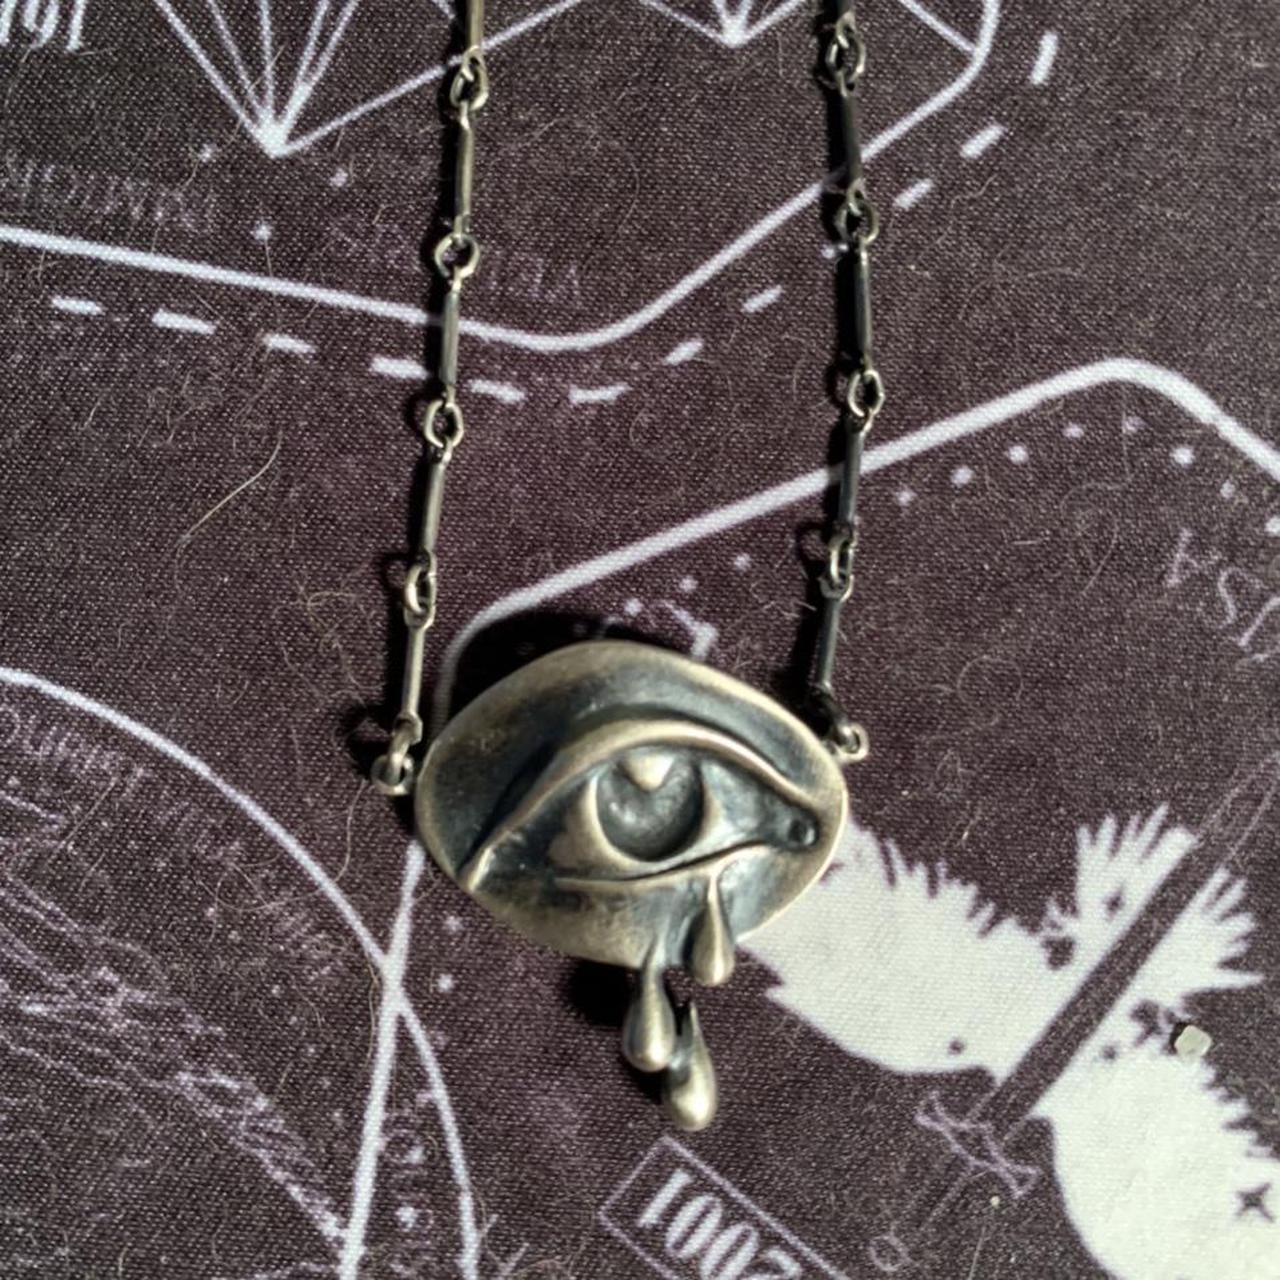 Product Image 1 - bloodmilk mourning eye necklace, large